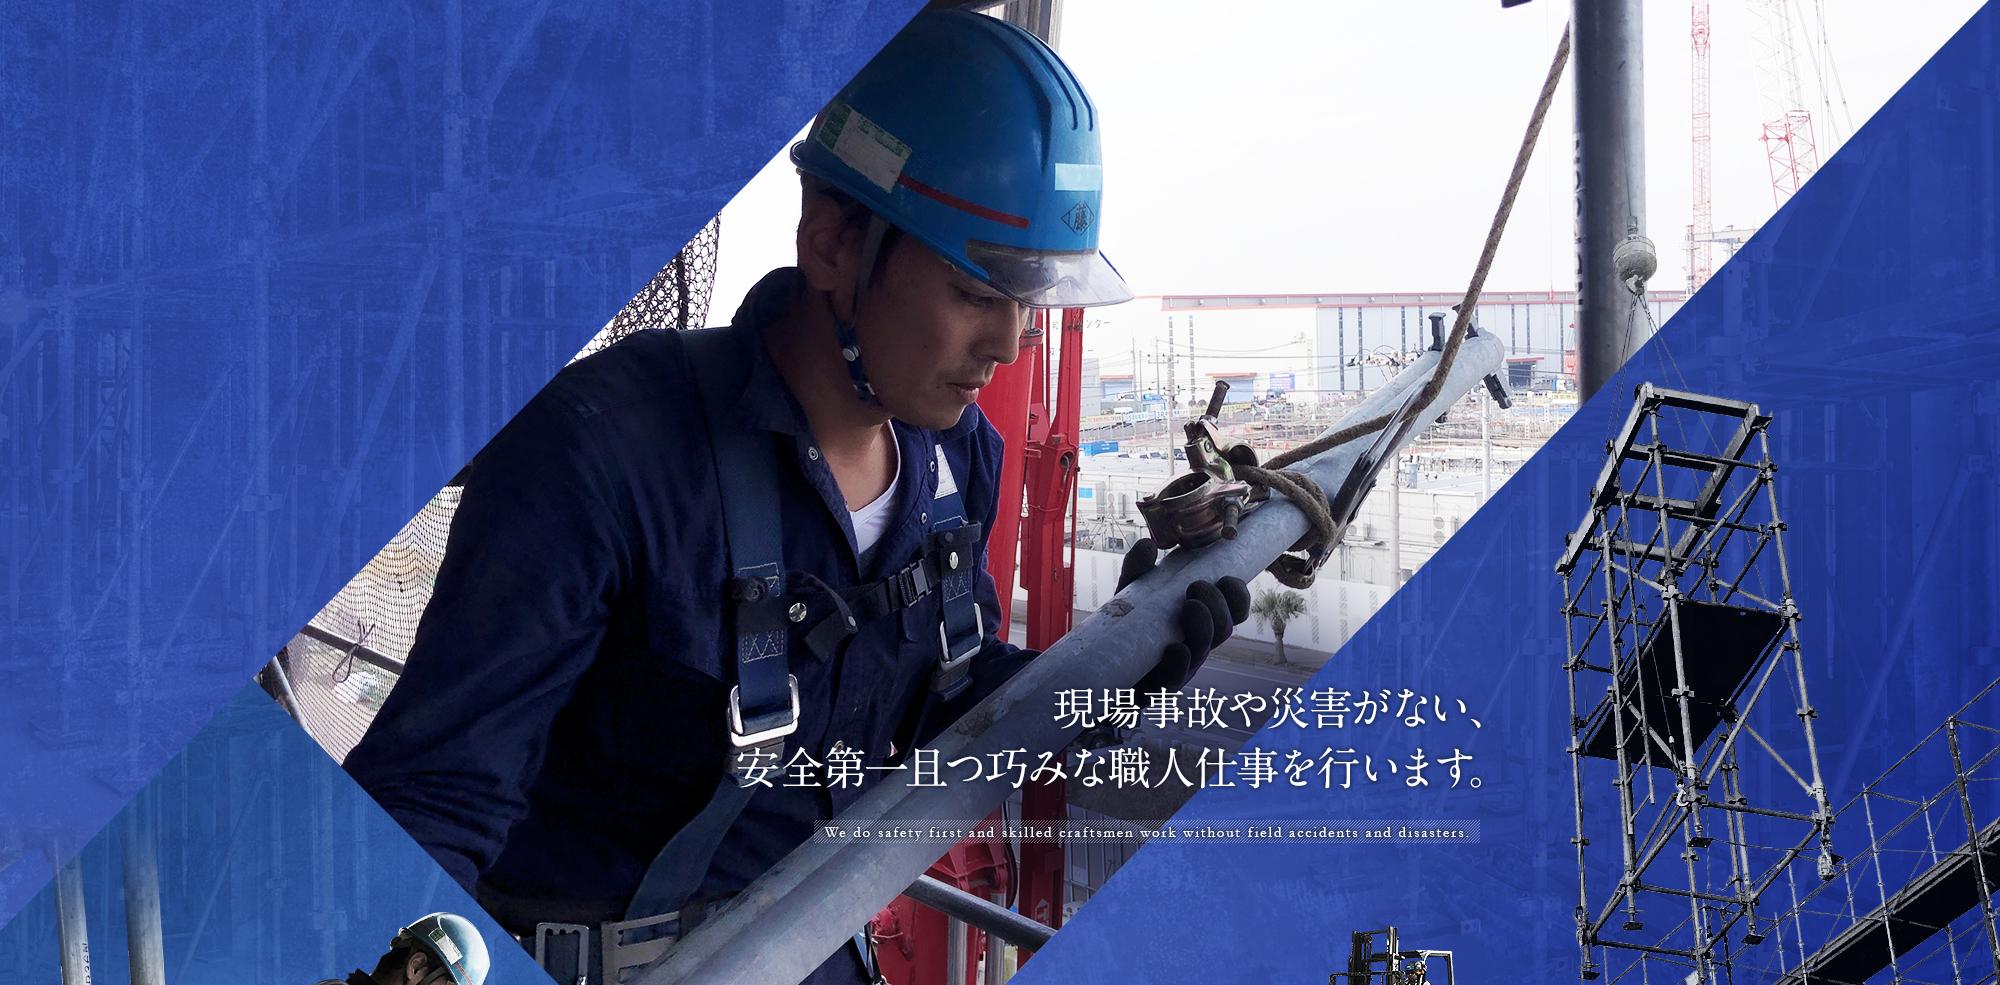 現場事故や災害がない、安全第一且つ巧みな職人仕事を行います。